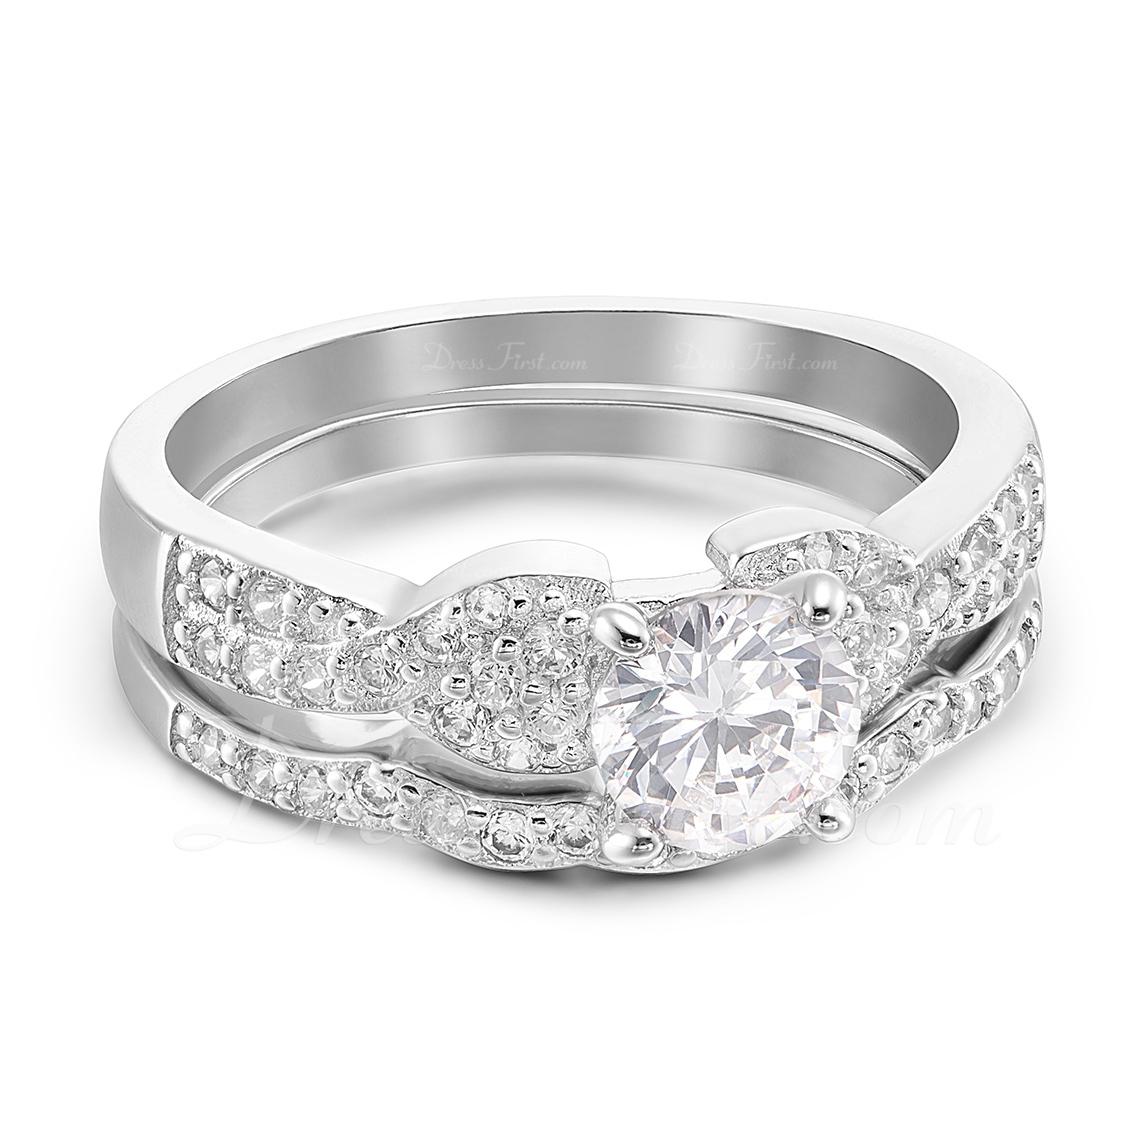 Sterling zilver Zirconia Sierlijk Ronde Snede Belofte ringen Bruids sets -